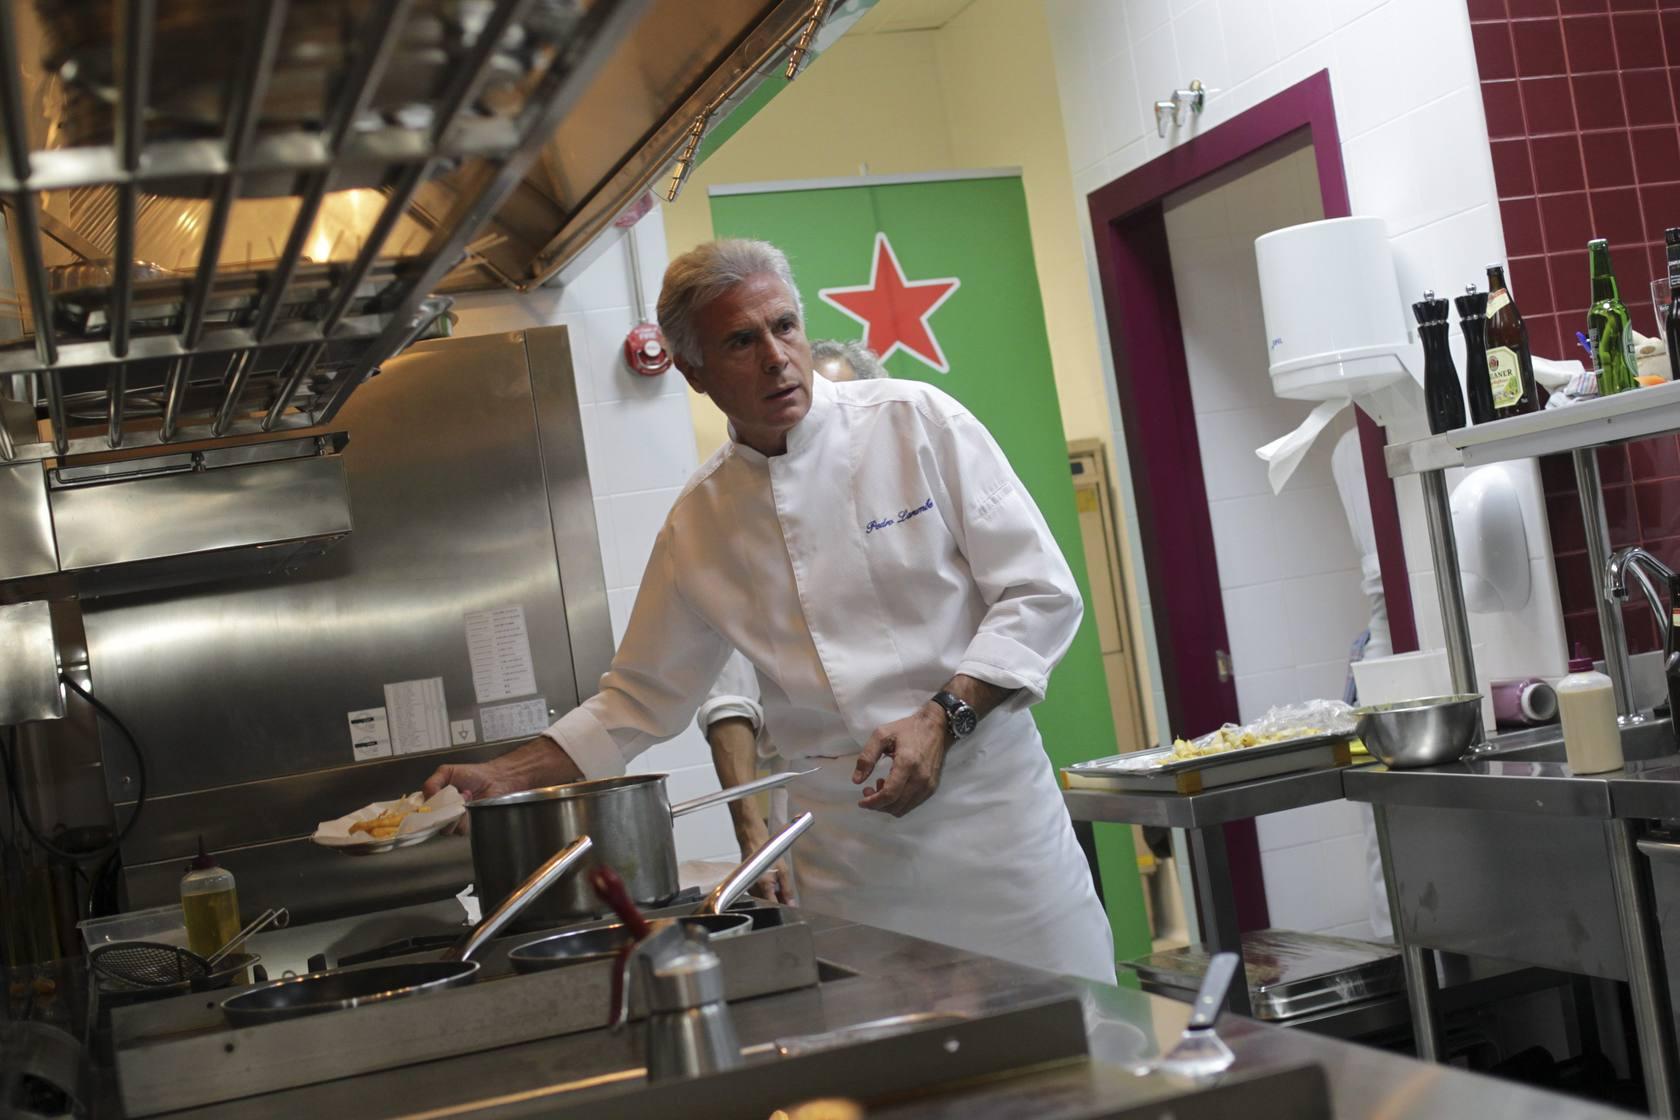 La «cocina-escuela» de Pedro Larumbe - Local ABC Madrid - ABC.es